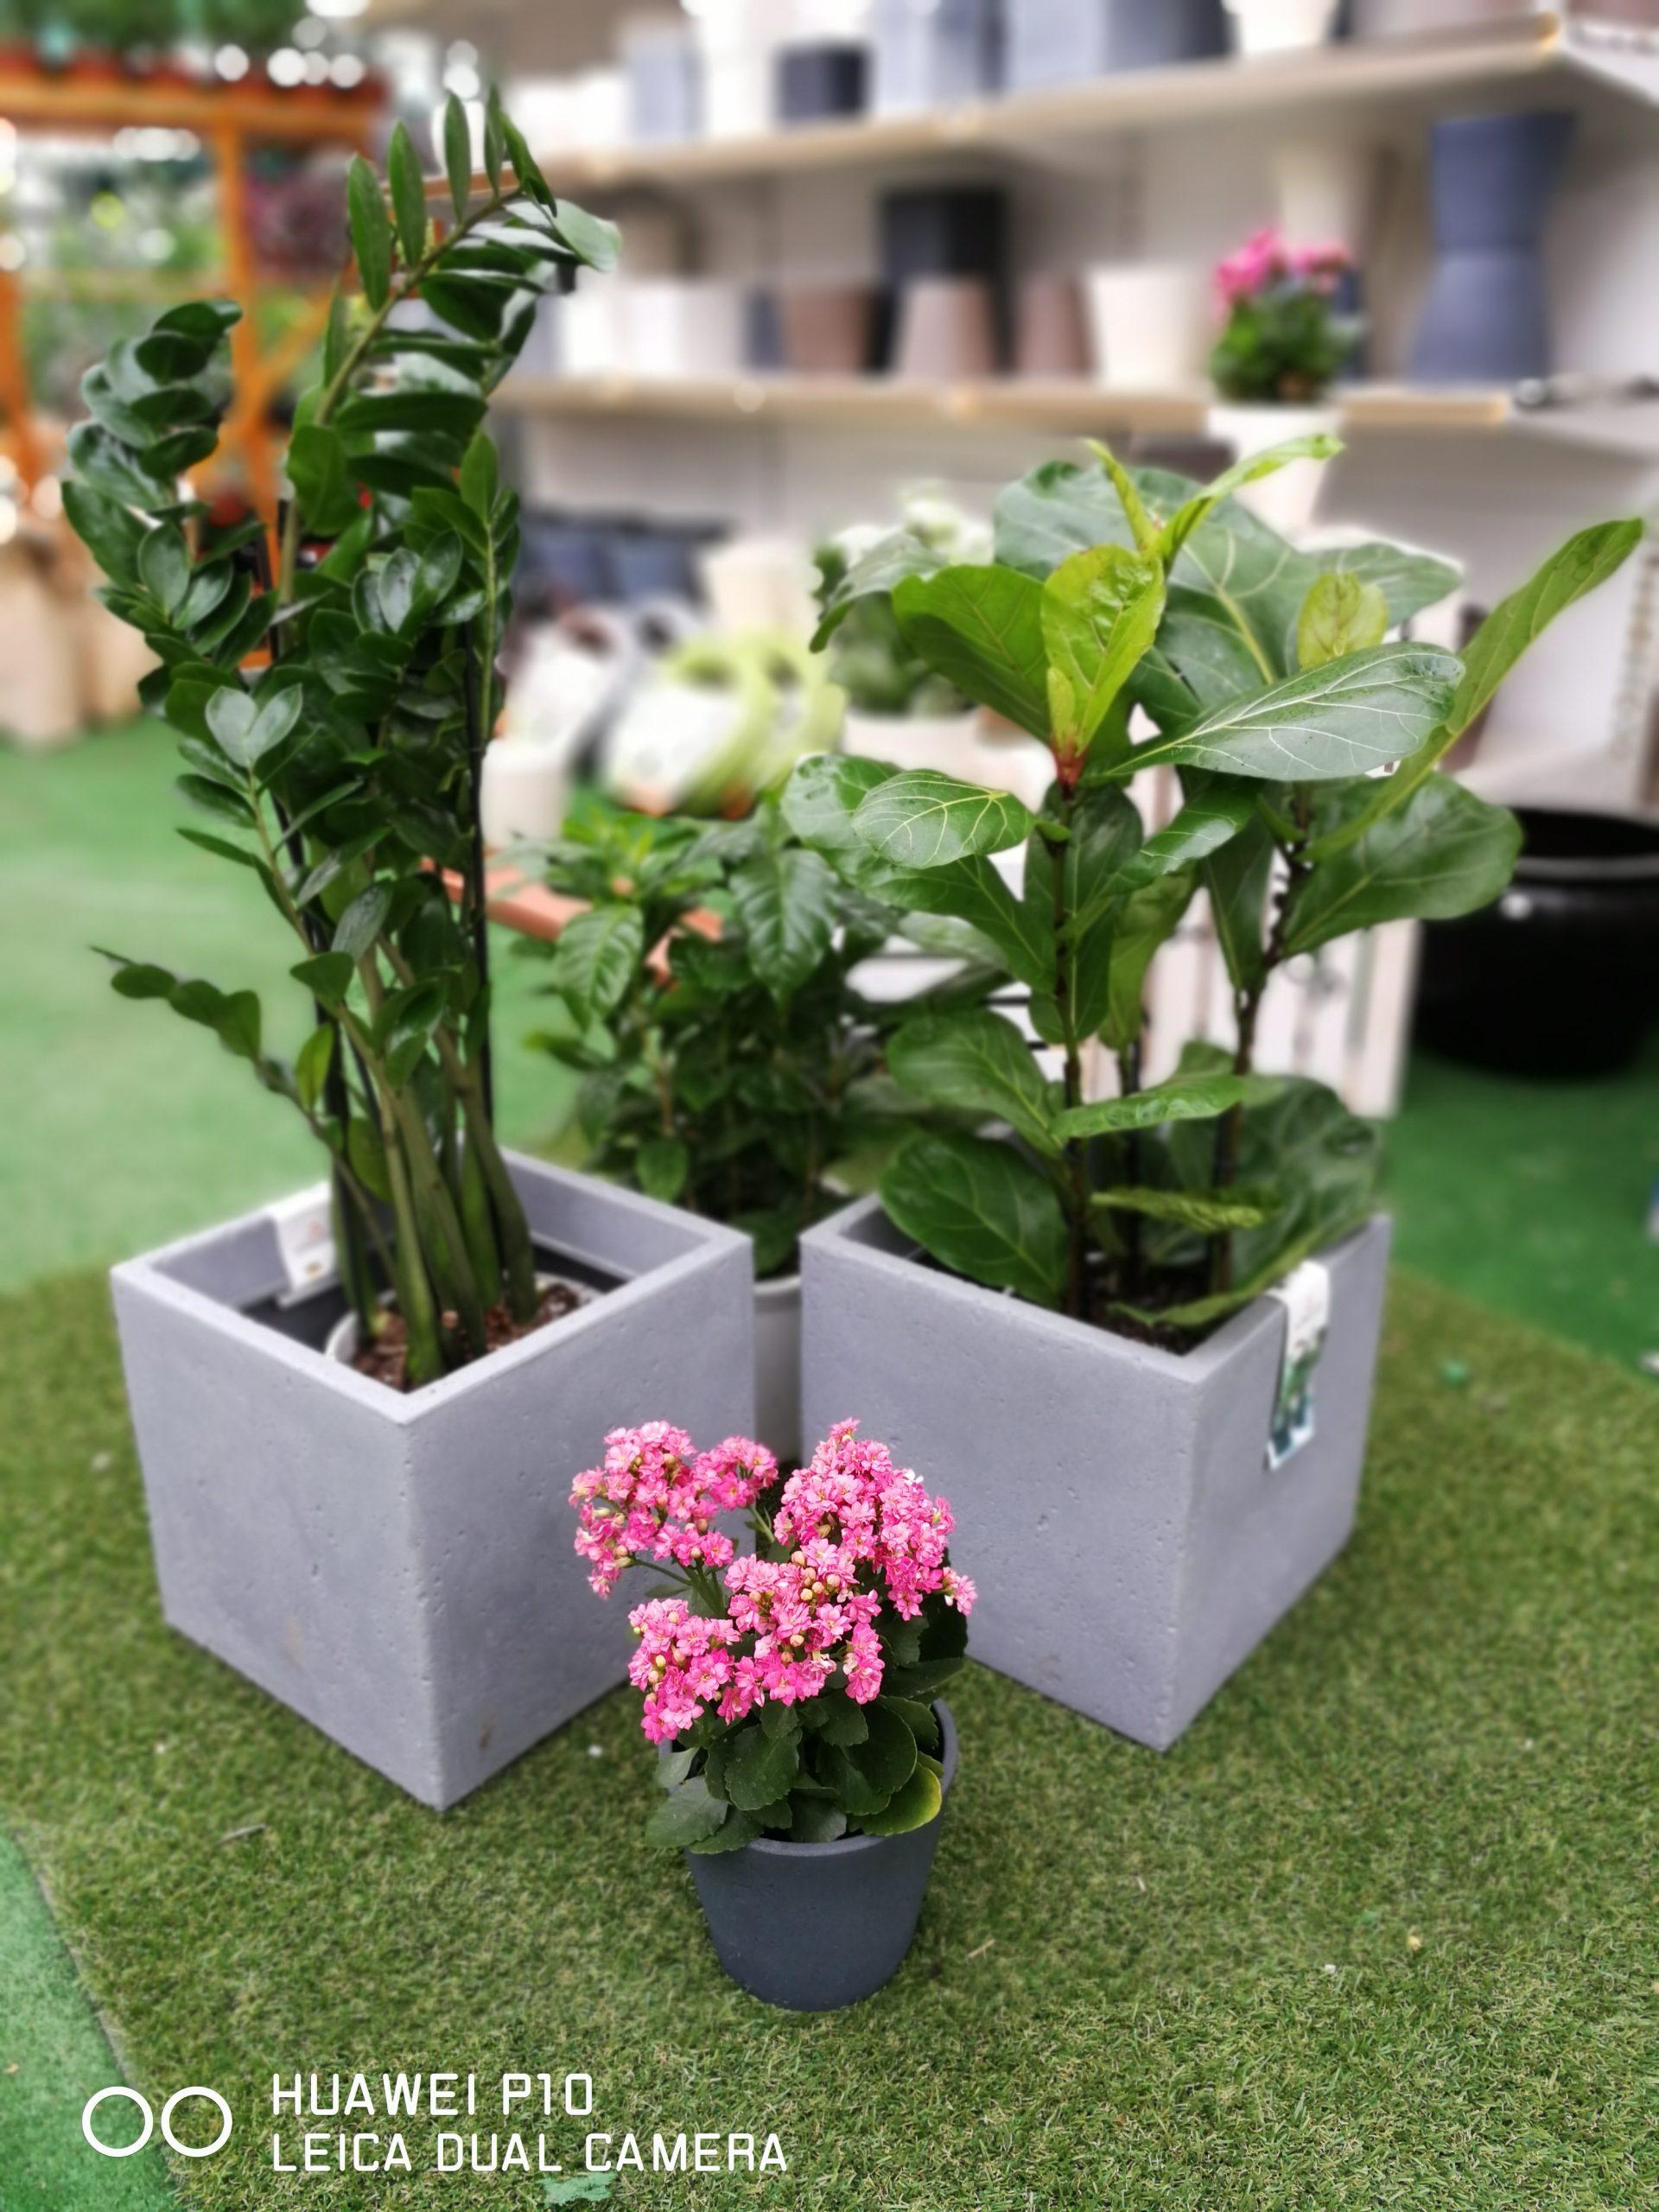 Πόσες φορές πρέπει να πούμε ότι τα φυτά εσωτερικού χώρου είναι η υπέρτατη τάση της χρονιάς! Άλλωστε, υπάρχει κανένας χώρος τους τελευταίους μήνες που να έχεις δει και να μην είναι κατάμεστος στη… βλάστηση